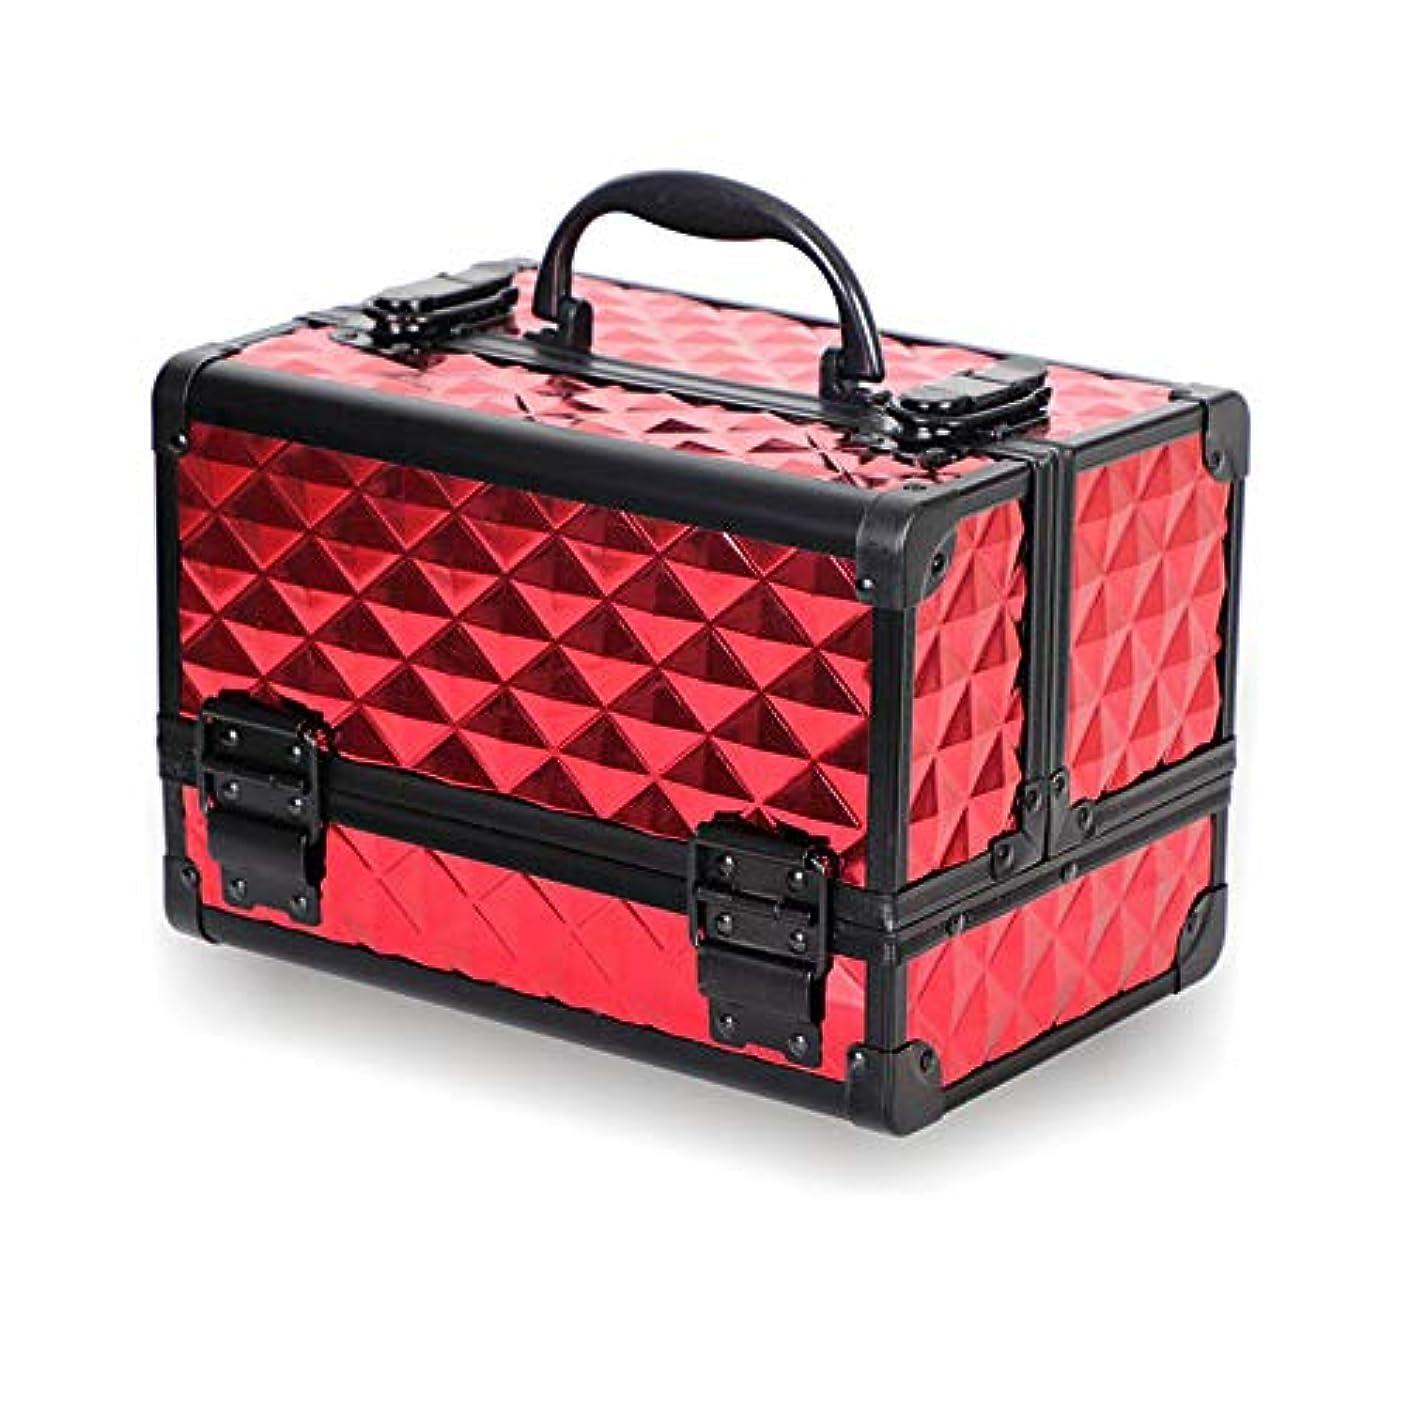 ステーキ補体住人特大スペース収納ビューティーボックス 美の構造のためそしてジッパーおよび折る皿が付いている女の子の女性旅行そして毎日の貯蔵のための高容量の携帯用化粧品袋 化粧品化粧台 (色 : 赤)